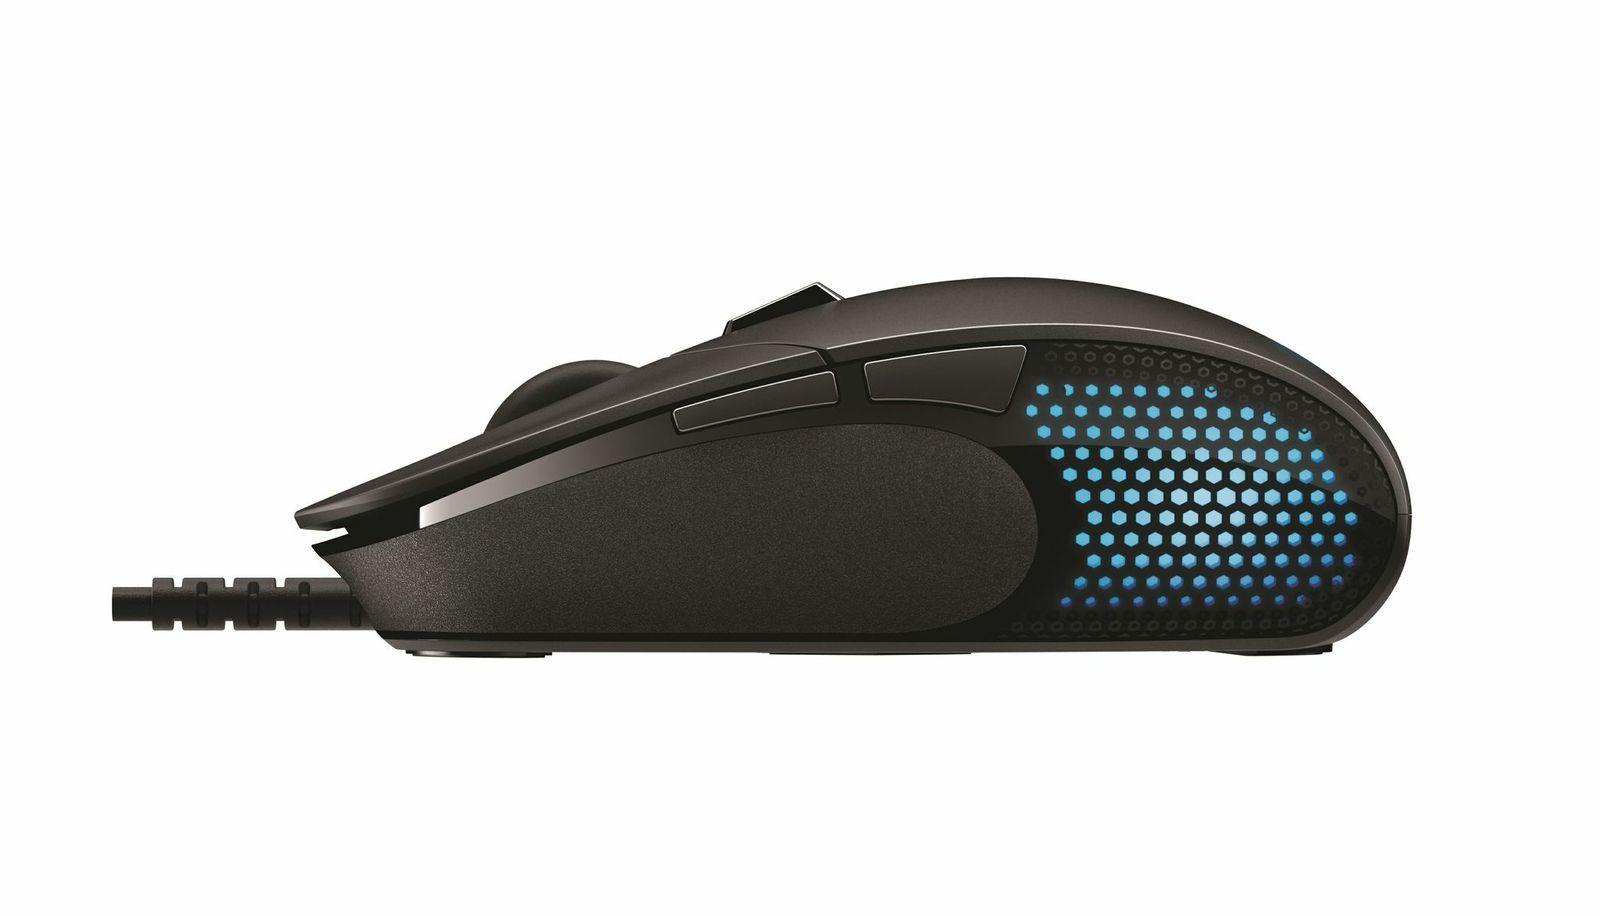 mysz komputerowa dla gracza